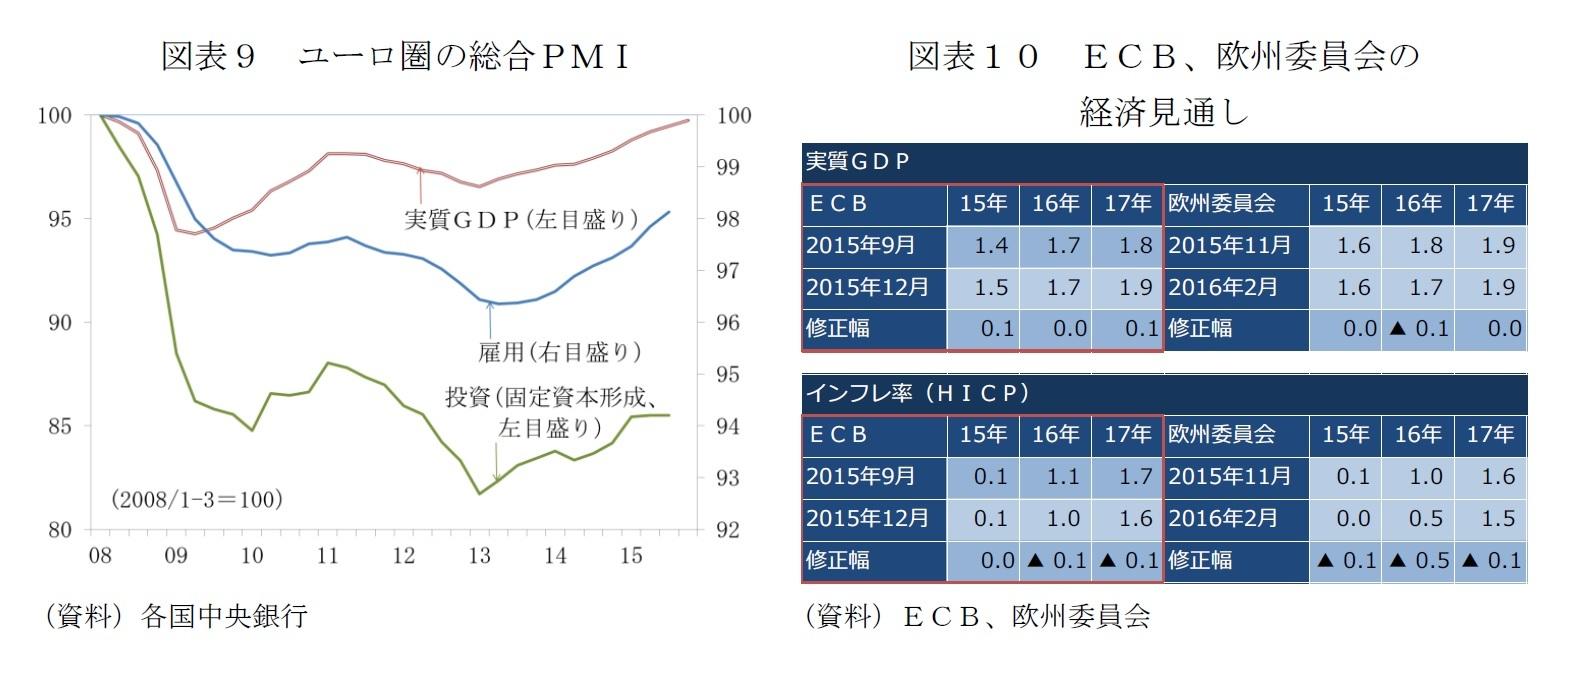 図表9 ユーロ圏の総合PMI/図表10 ECB、欧州委員会の経済見通し